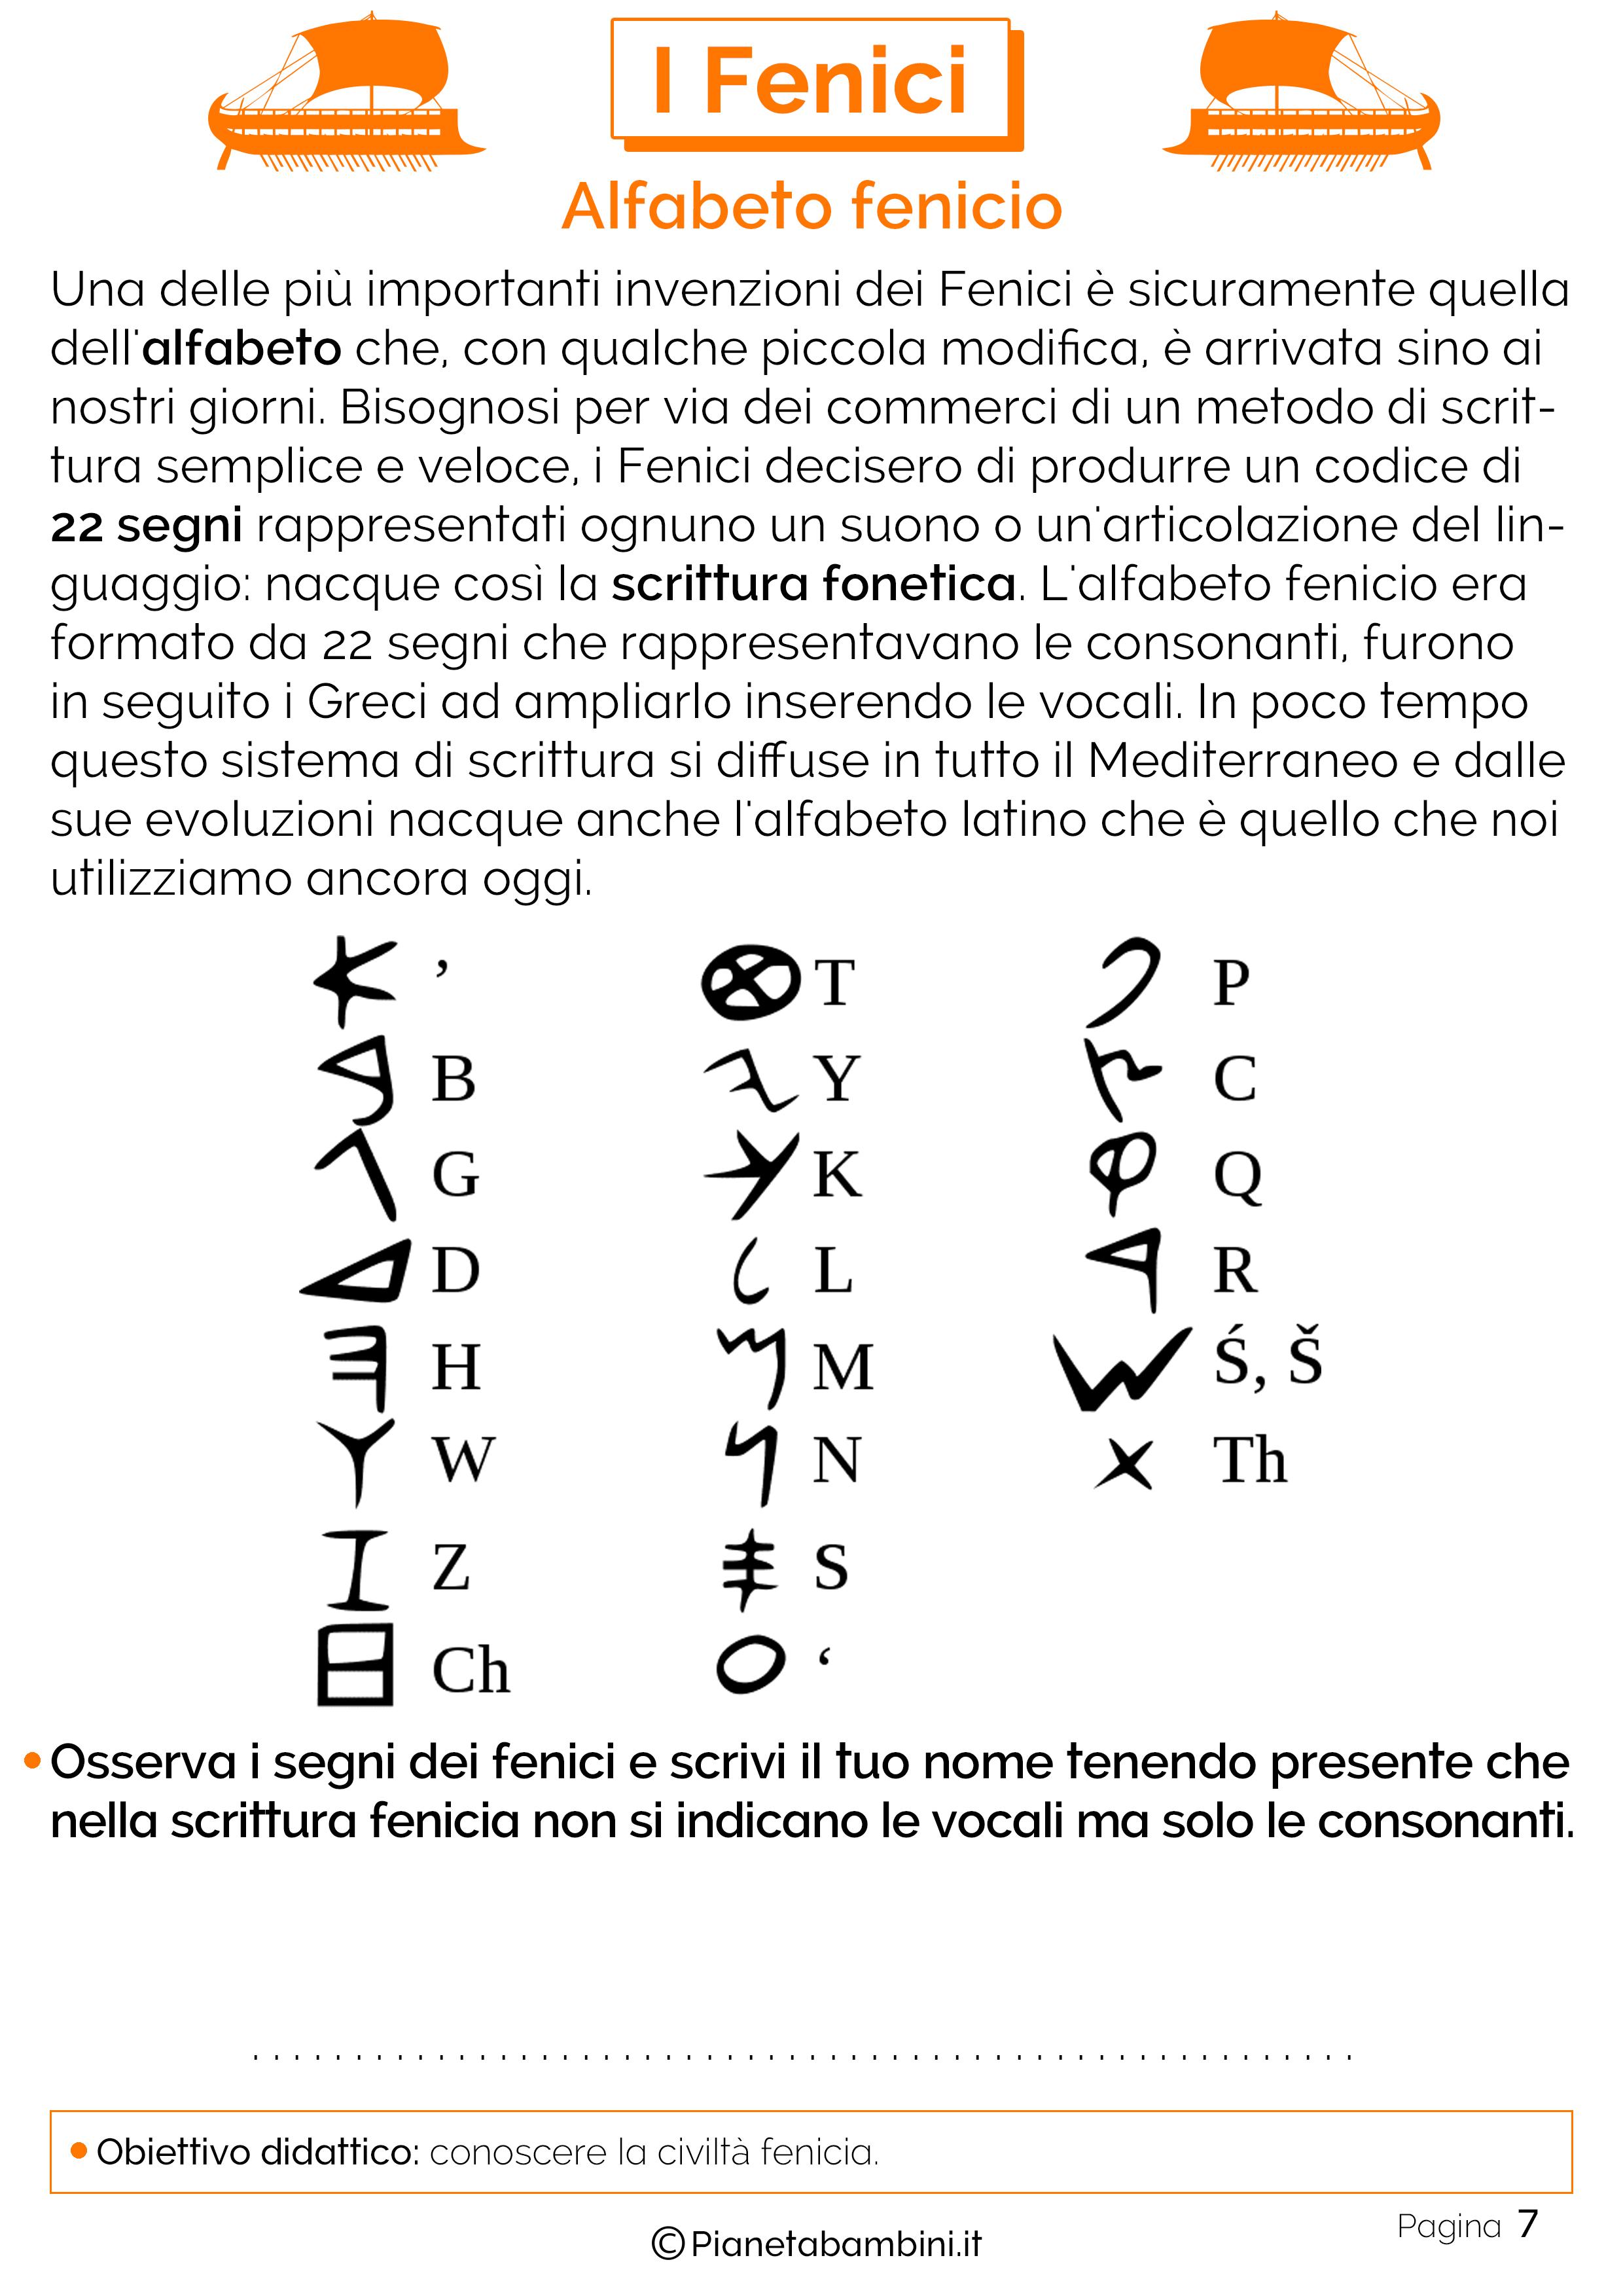 L'alfabeto fonetico dei fenici